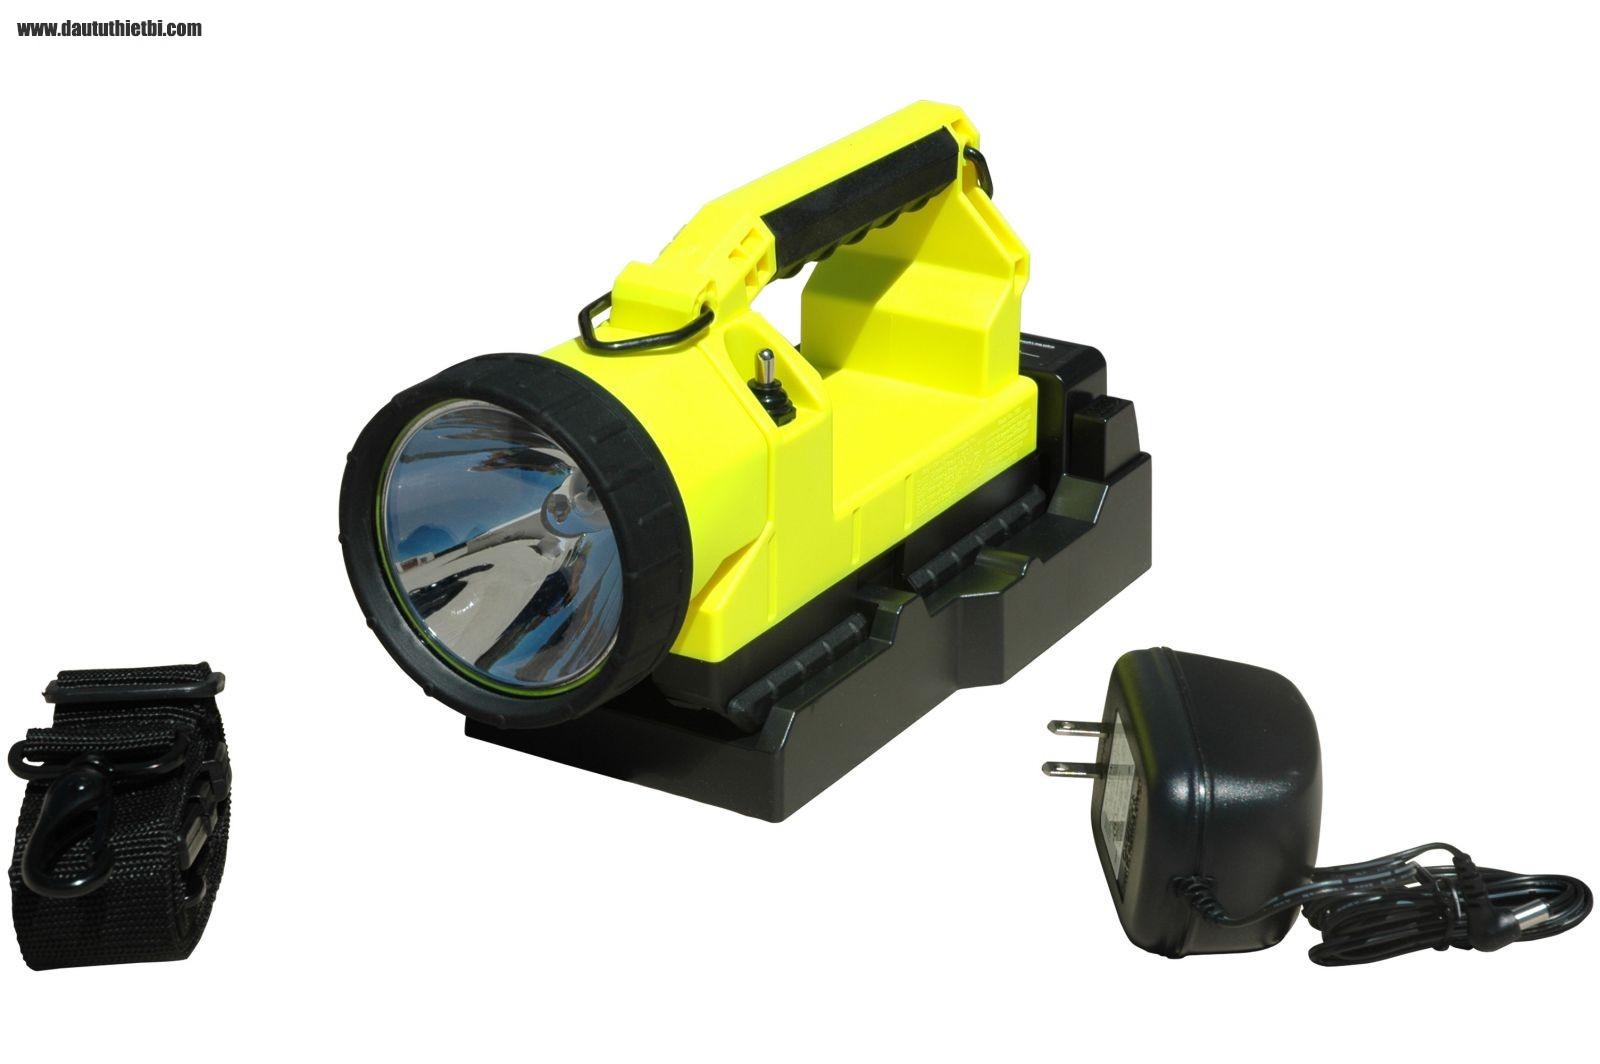 Đèn pin sạc điện chống cháy nổ nhập khẩu Mỹ Larson Electronics RUL-9-220V